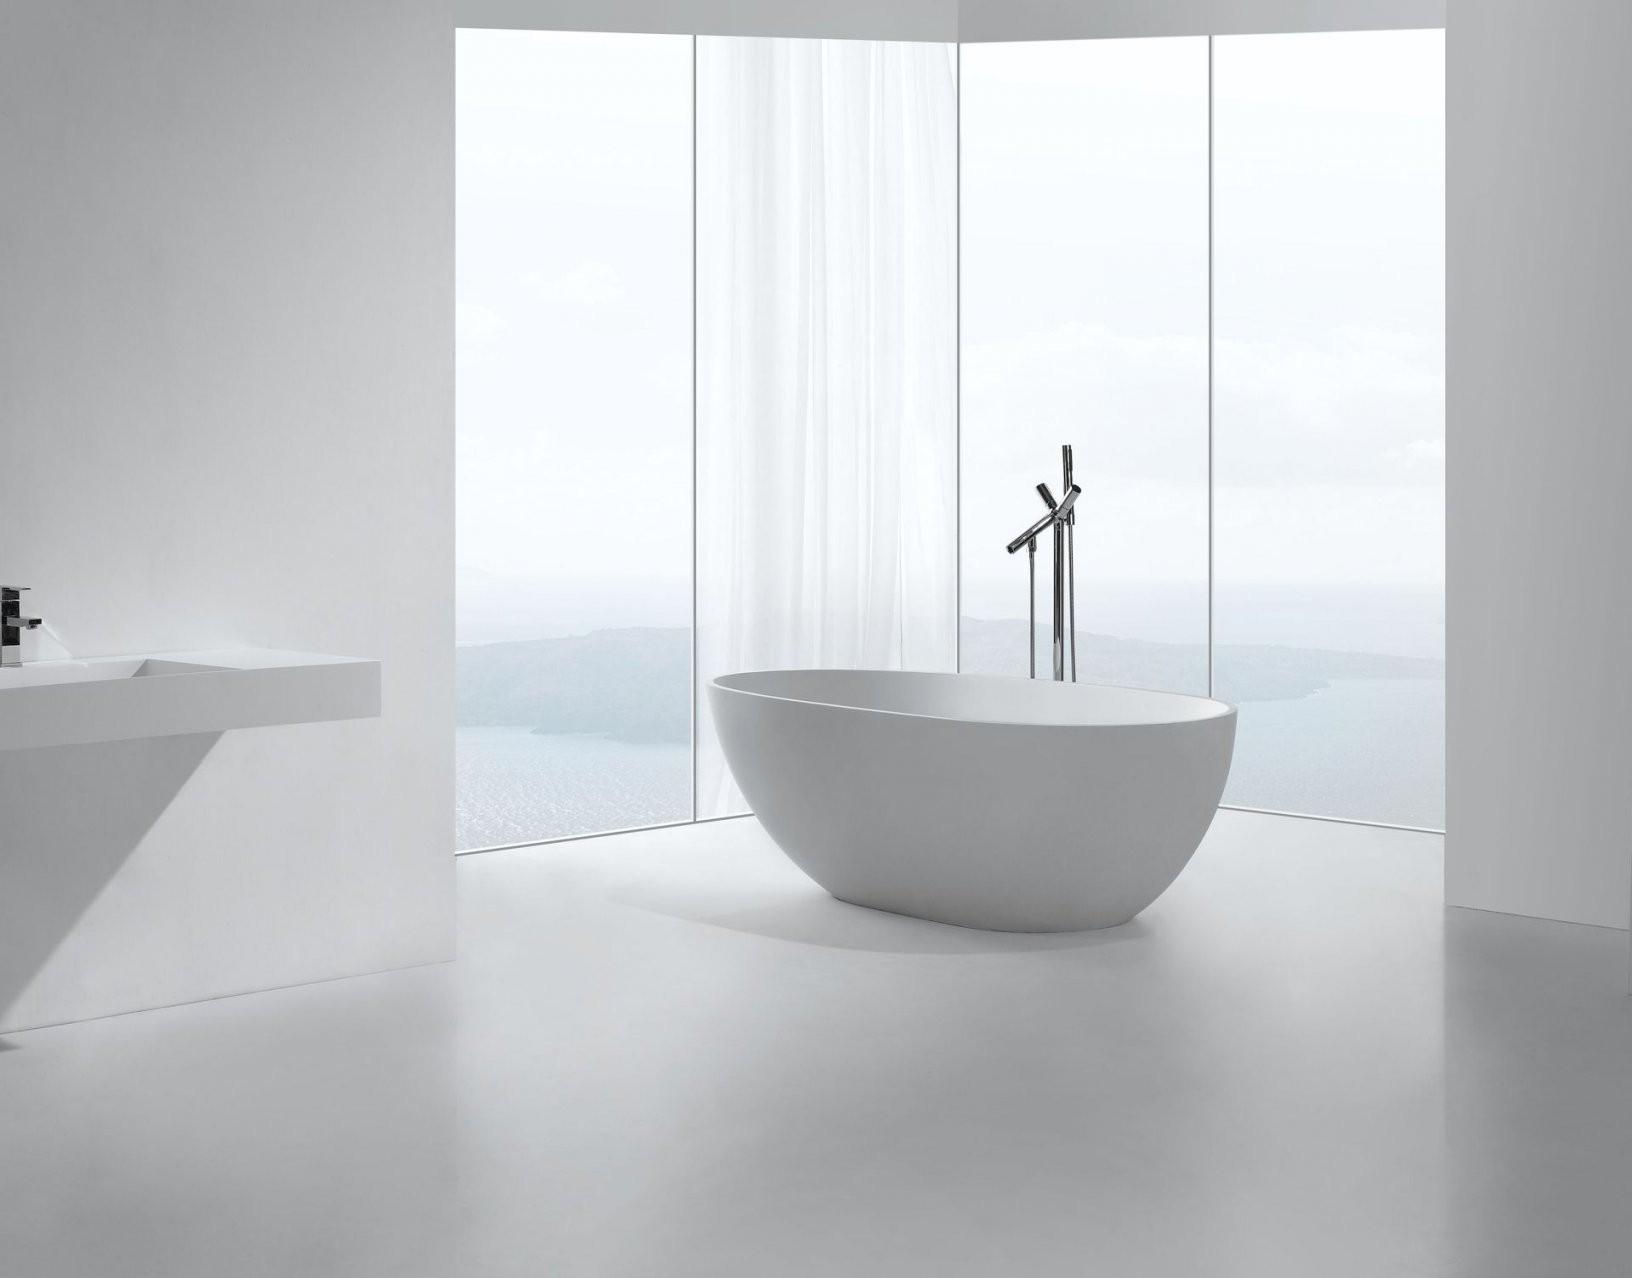 Freistehende Badewanne Klein Kleine Freistehende Badewanne Ideen von Freistehende Badewanne Klein Bild